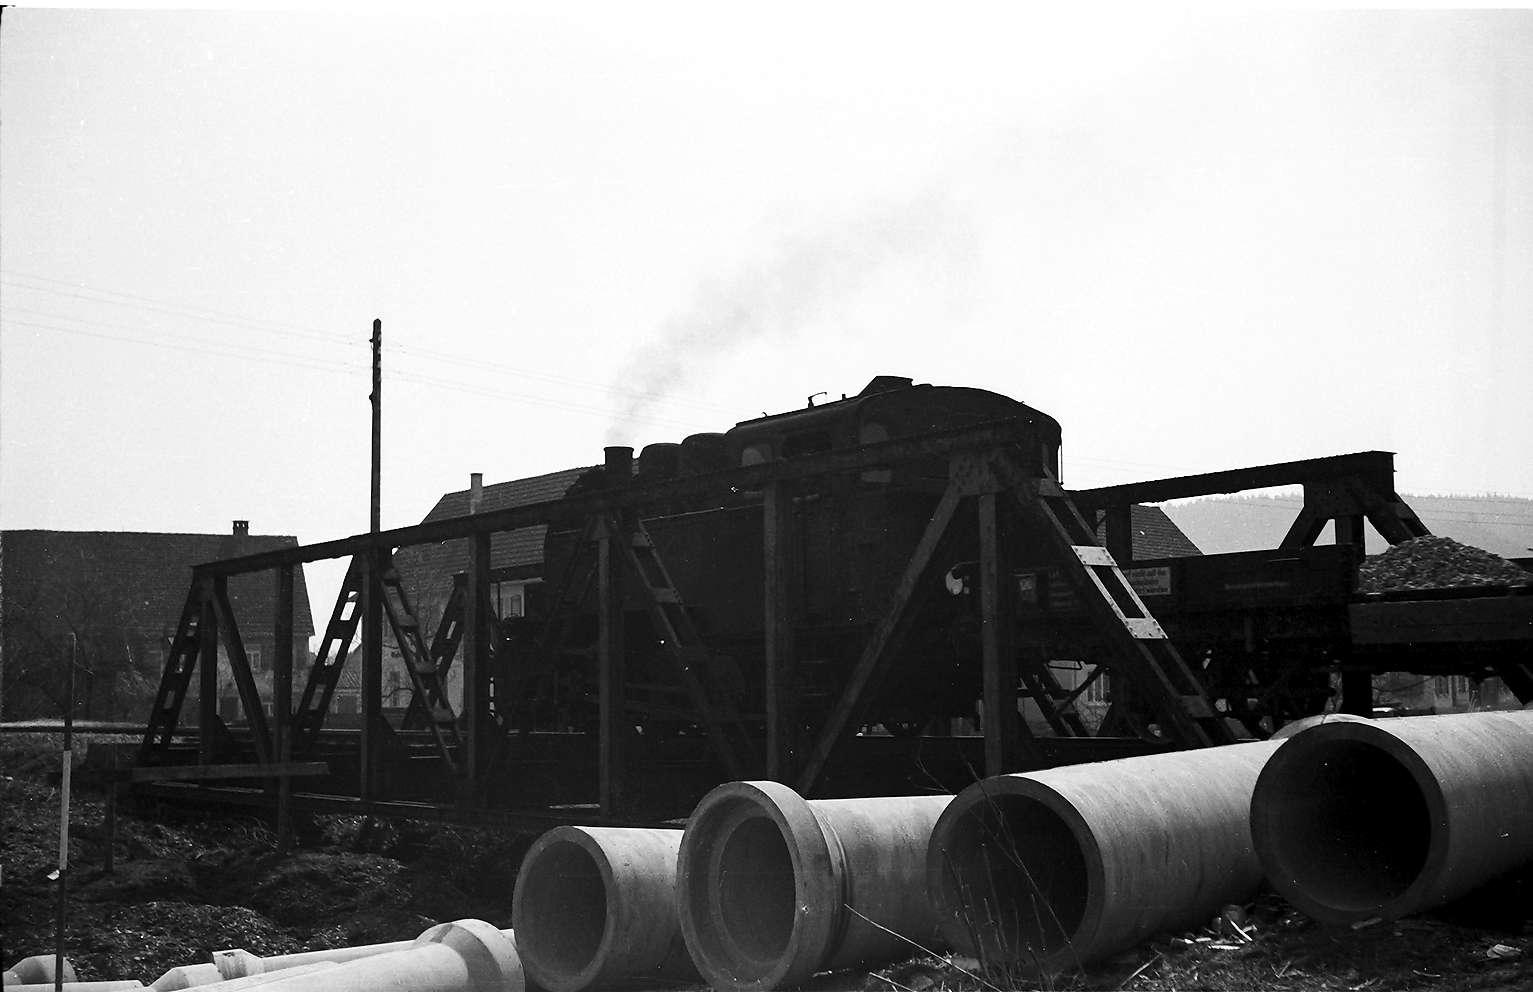 Lok 16, Az 405 Baustelle Rangendingen, Eisenfachwerkbrücke von 1912 kurz vor dem Abbruch, Bild 1